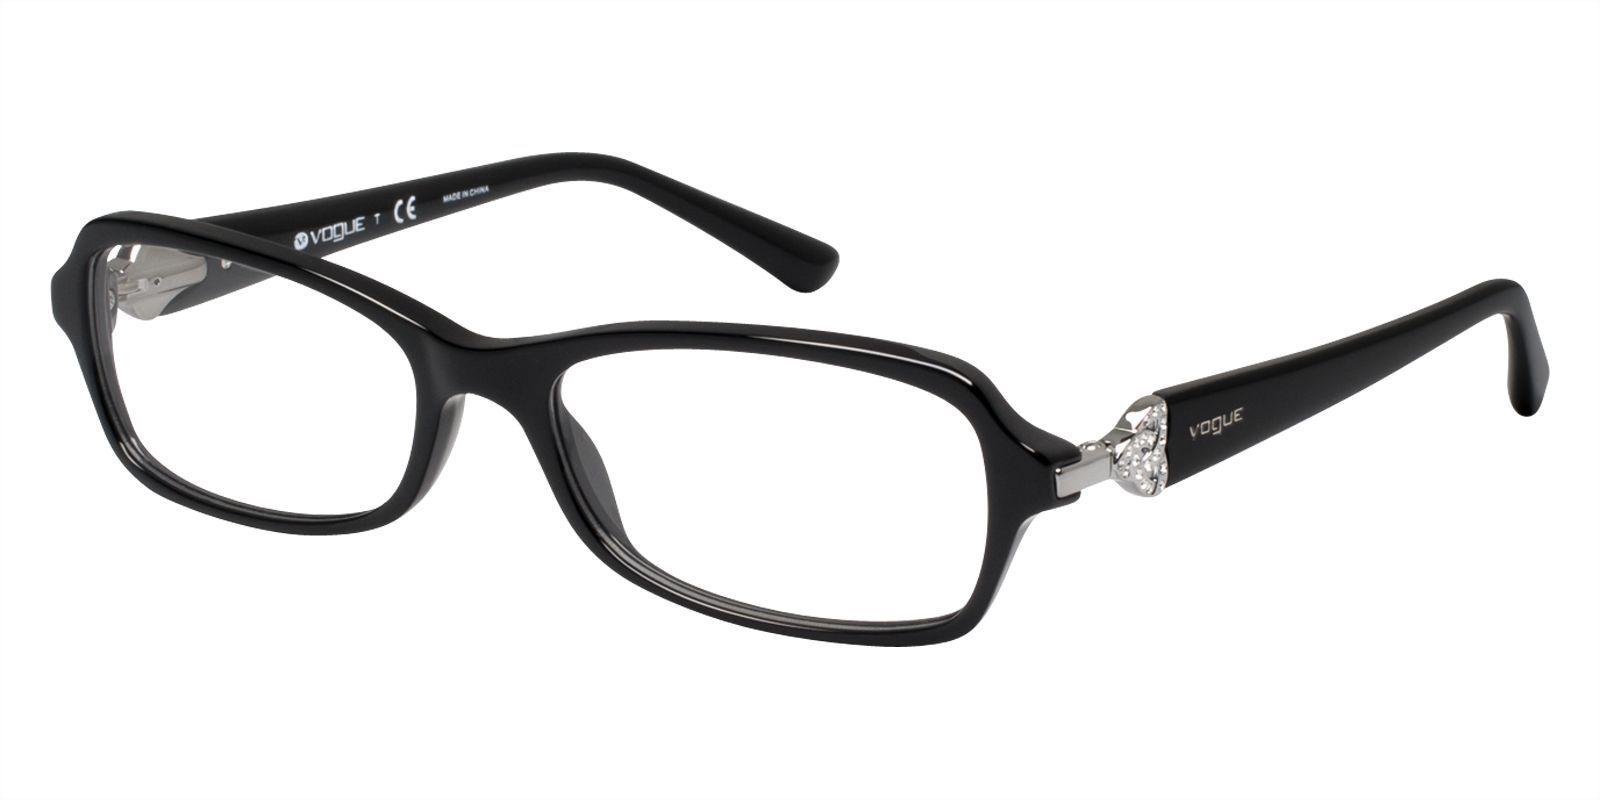 Imagem para VO2789B a partir de VoguePT   Sunglasses & eyewear ...